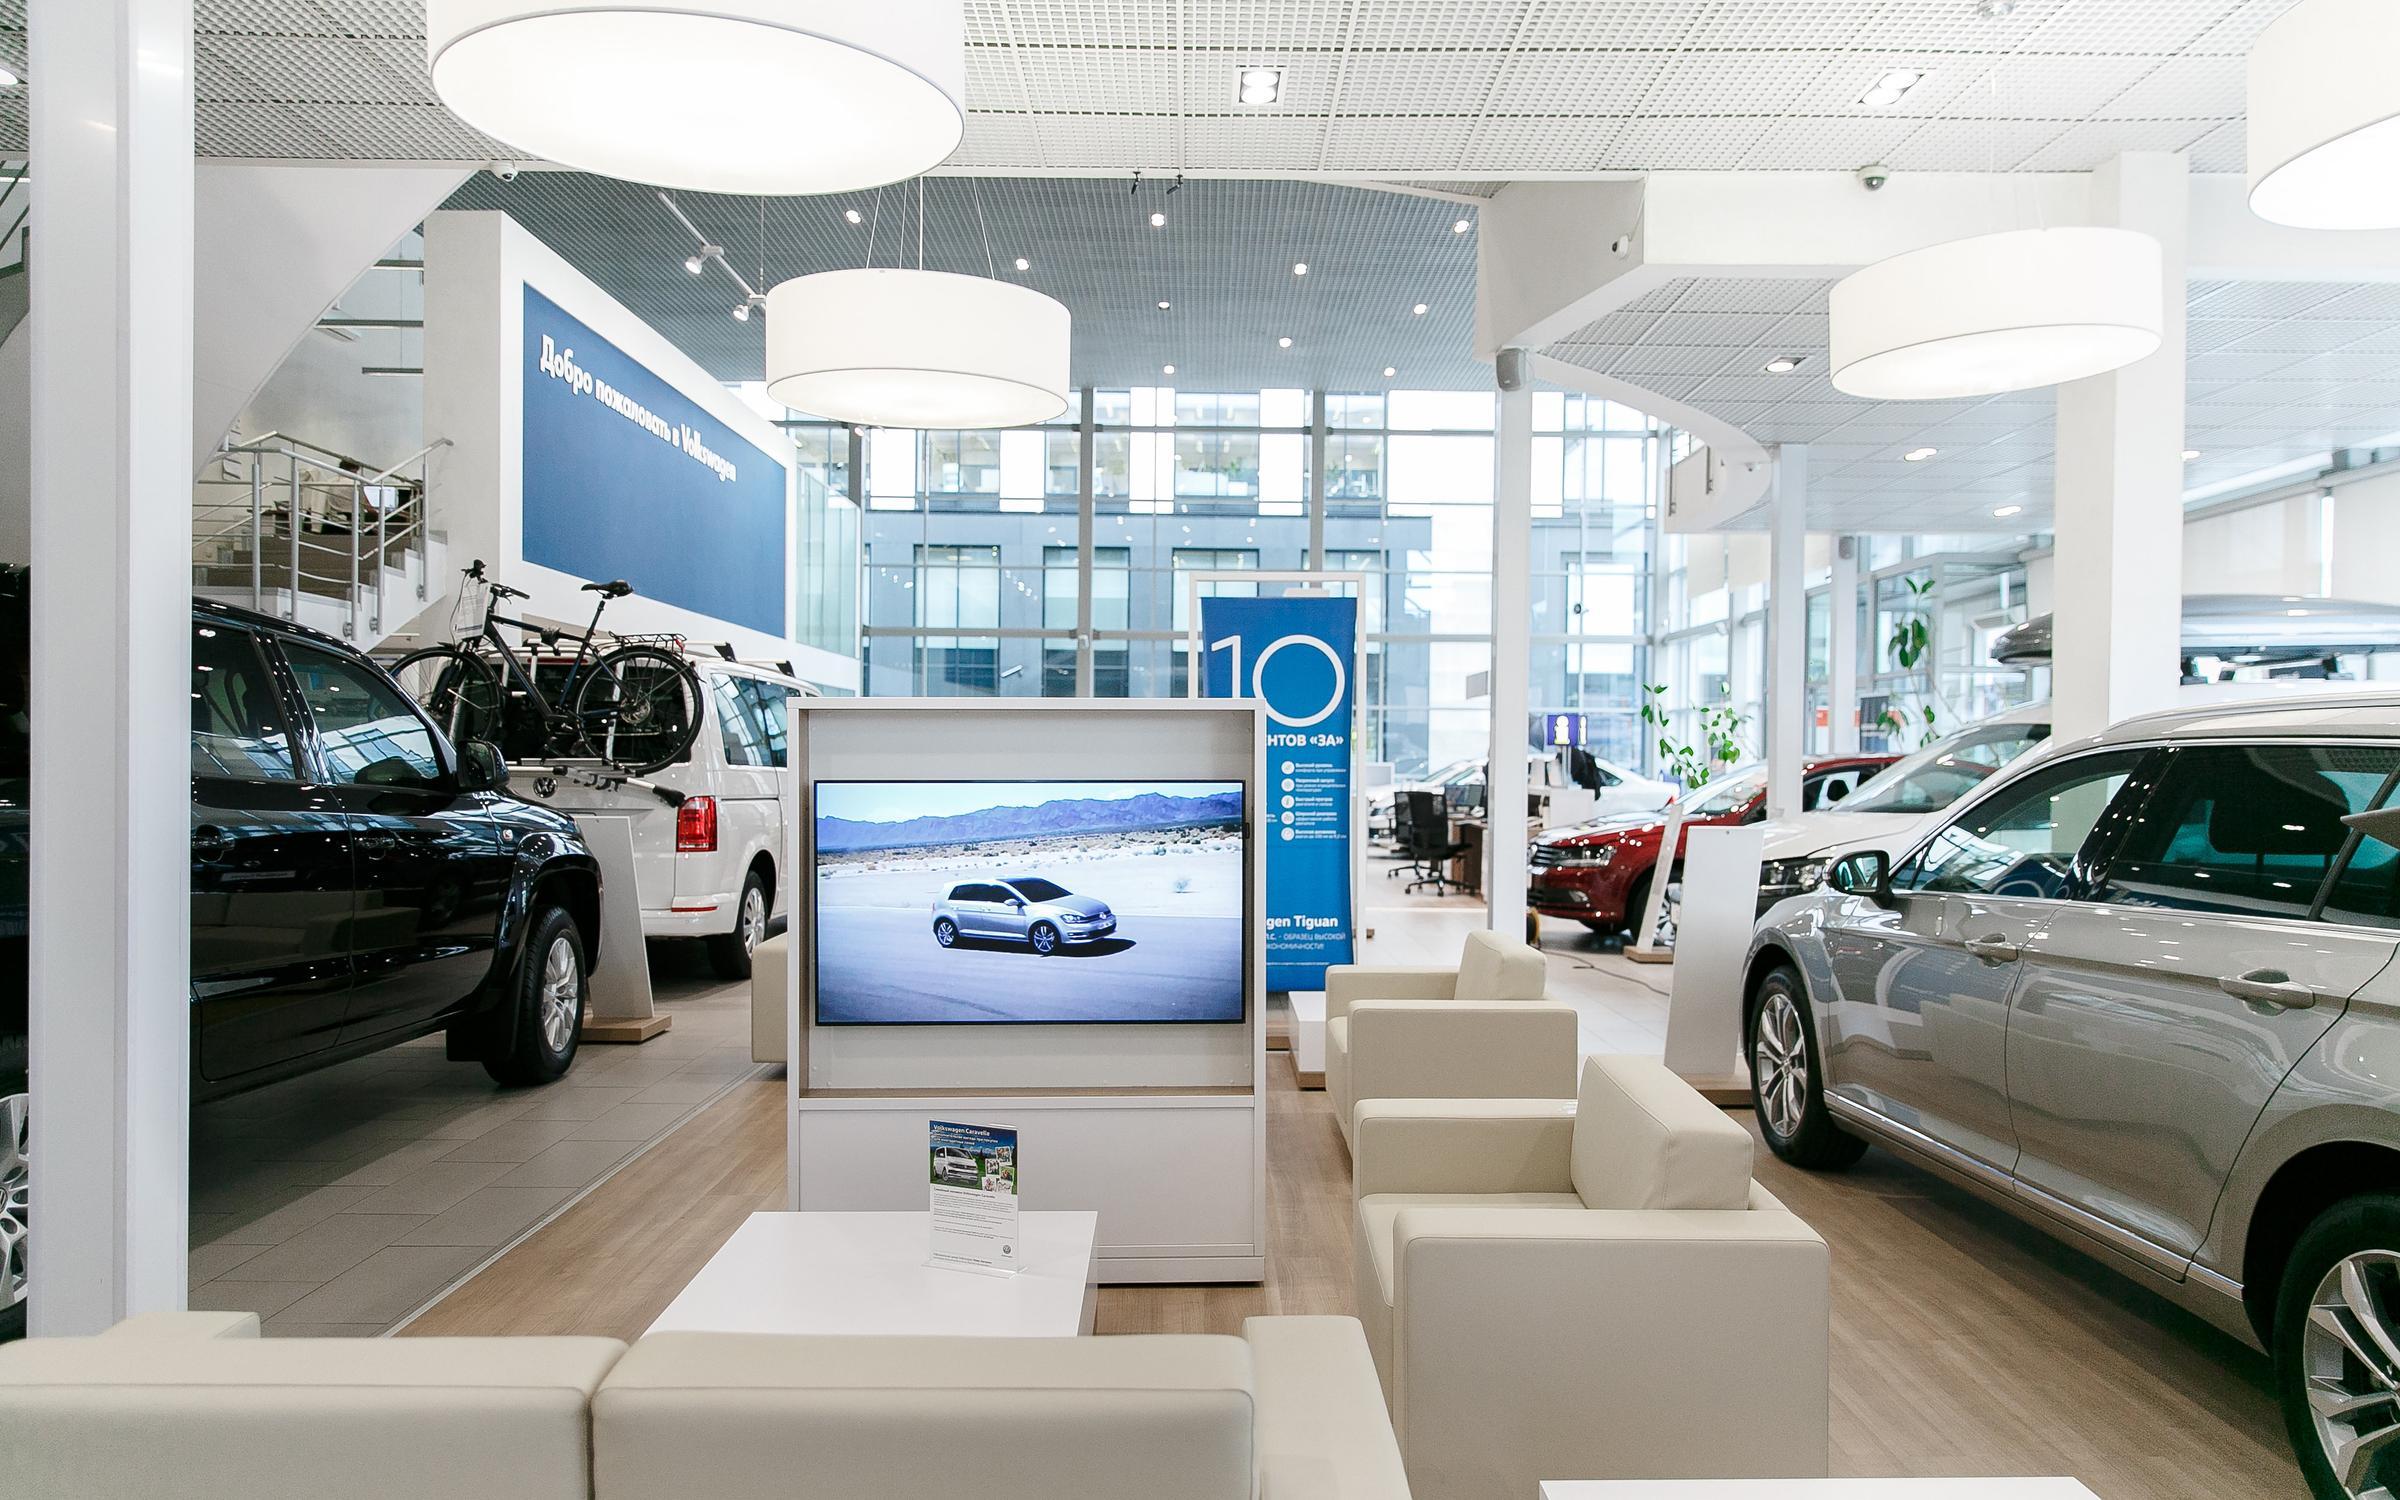 фотография Официальный дилер Volkswagen Нева-Автоком на Московском проспекте